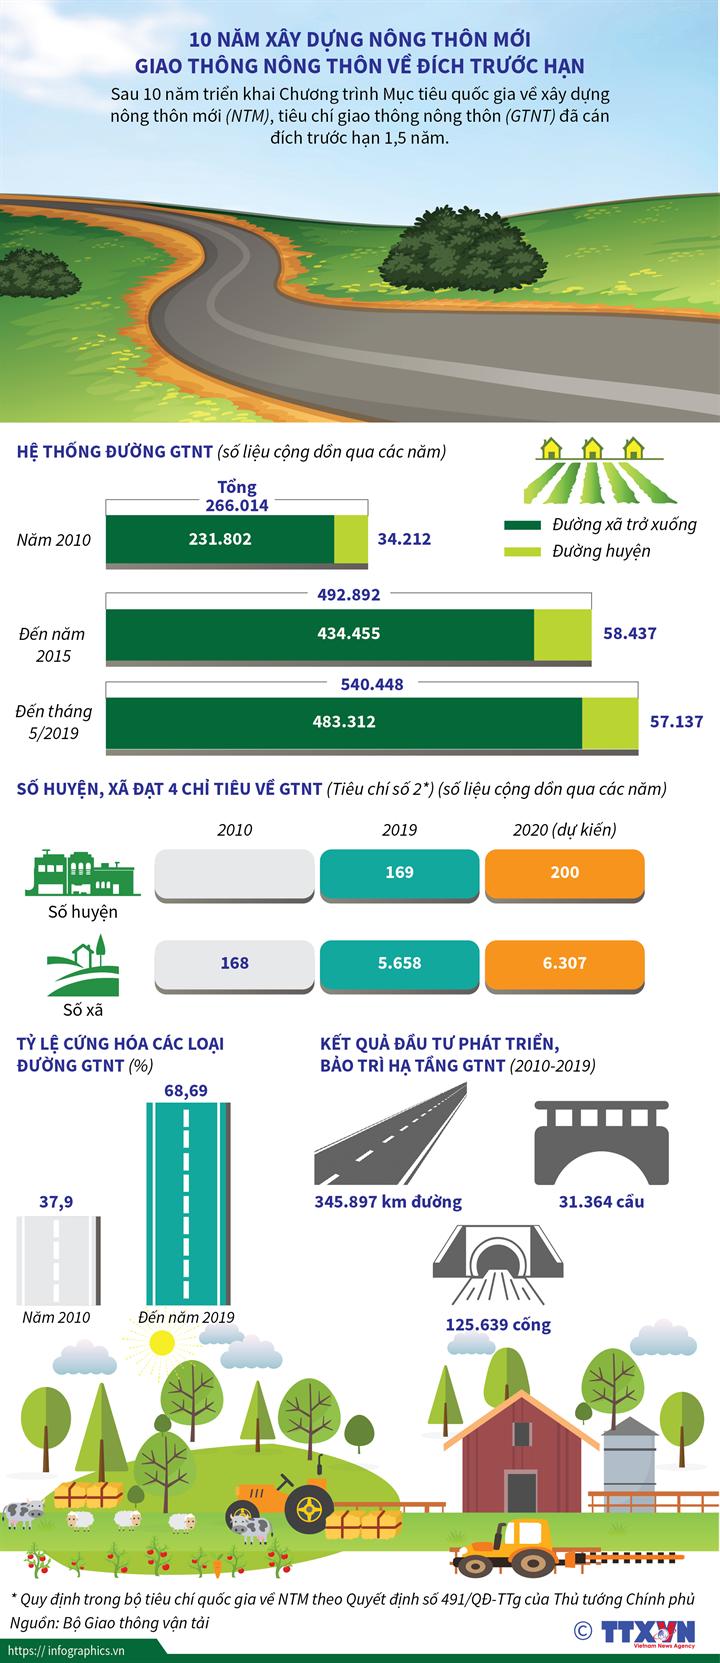 10 năm xây dựng nông thôn mới Giao thông nông thôn về đích trước hạn